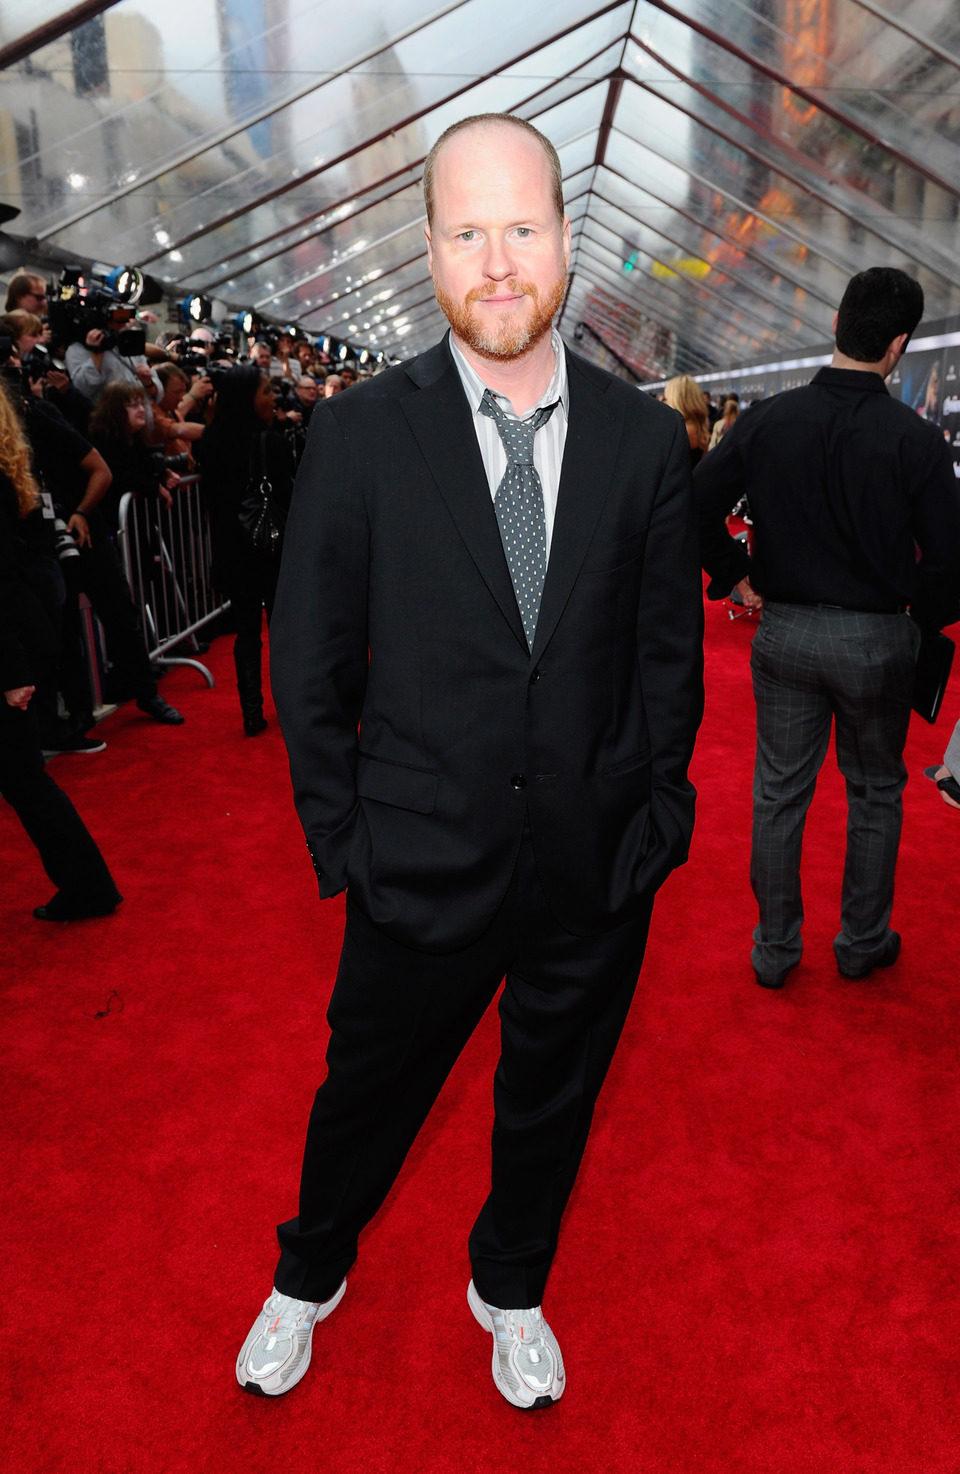 Joss Whedon en la premiére mundial de 'Los Vengadores'